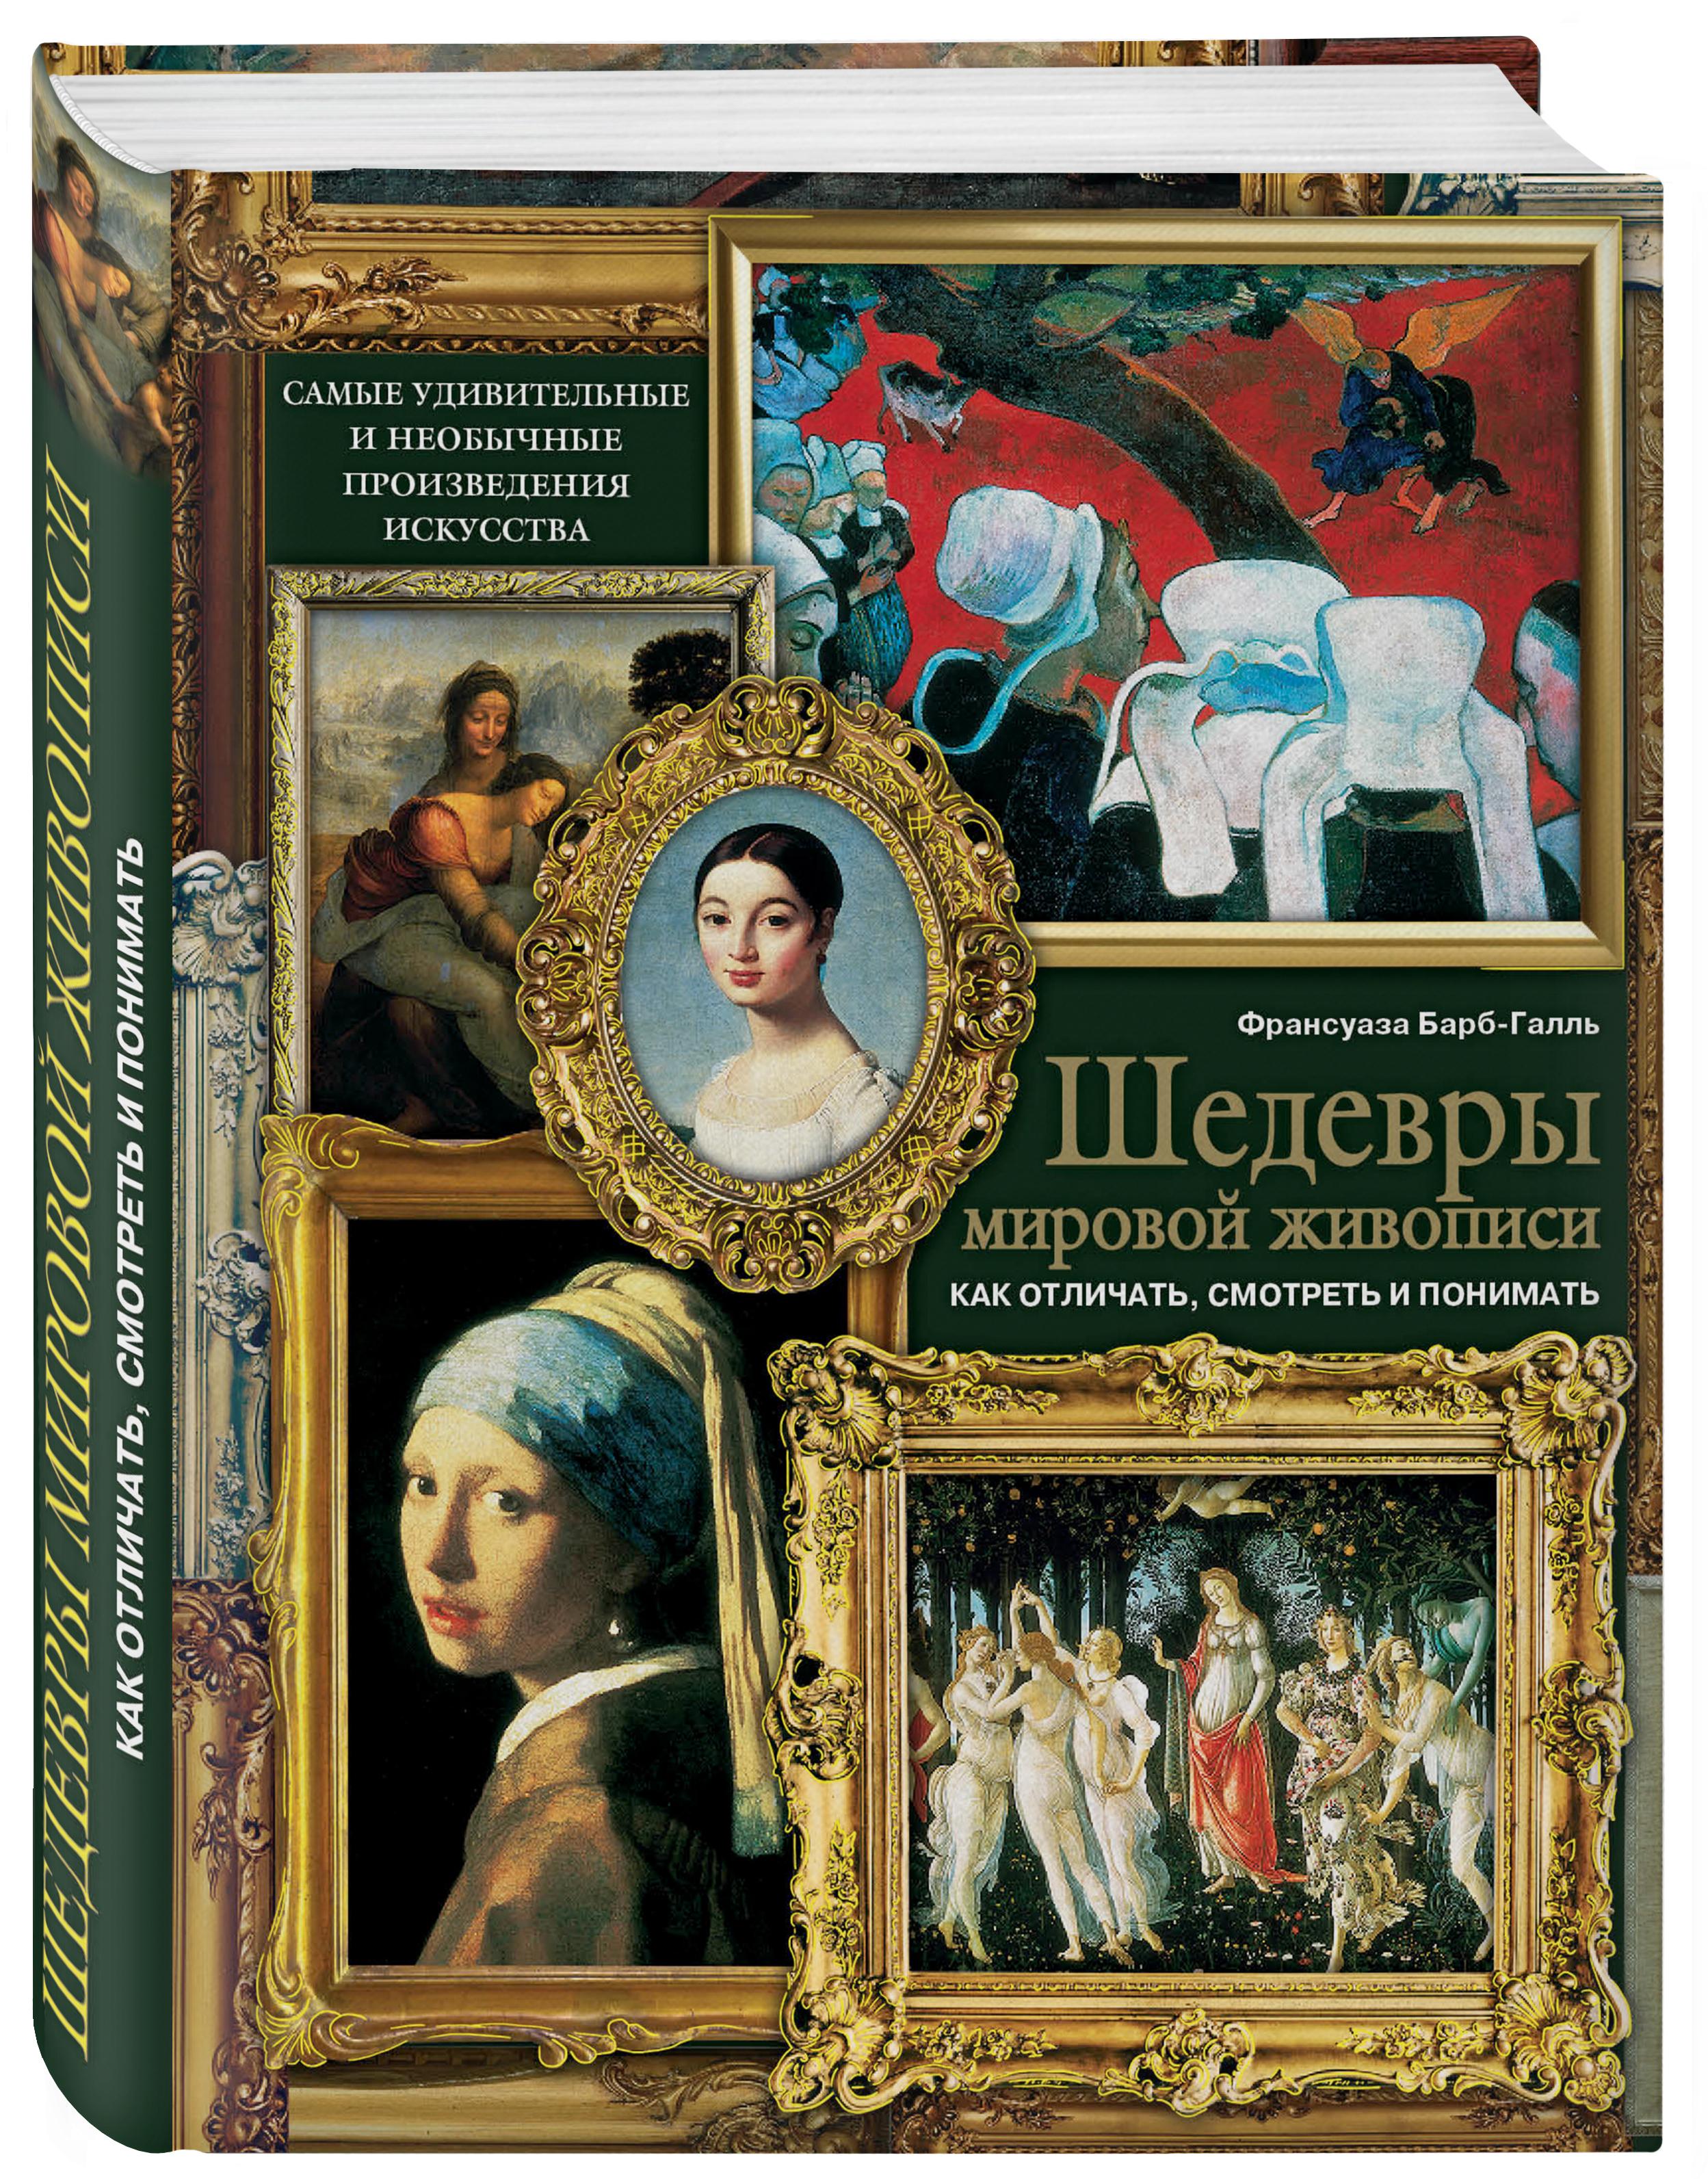 Франсуаза Барб-Галль Шедевры мировой живописи: как отличать, смотреть и понимать бабр галль ф шедевры мировой живописи как отличать смотреть и понимать